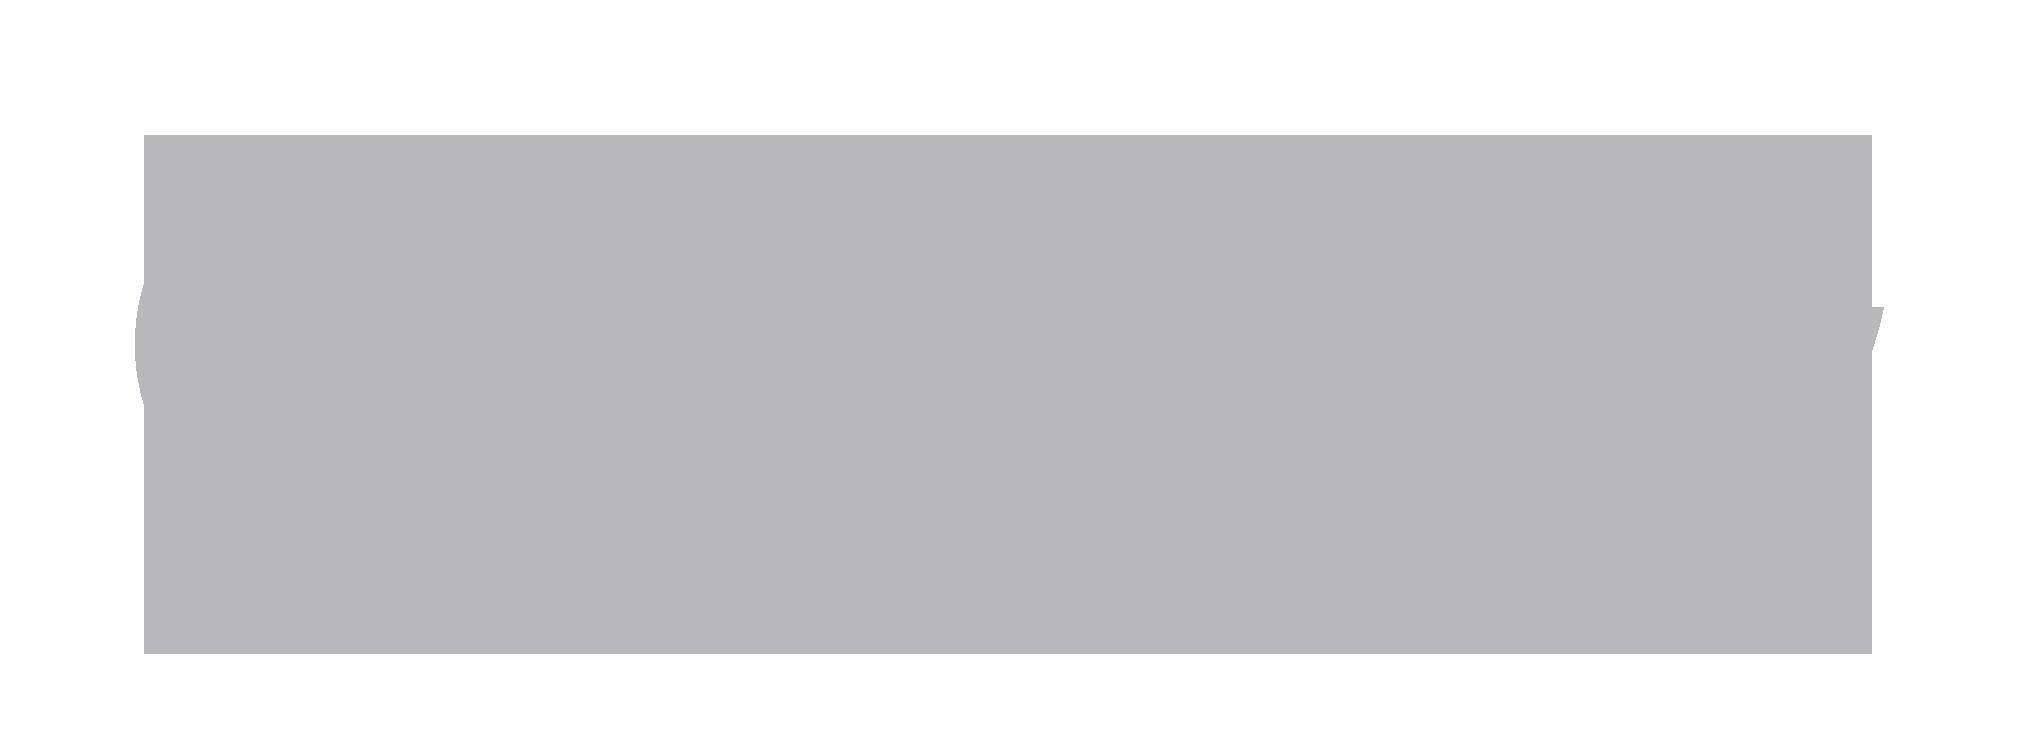 Transdev_logo_grey.png